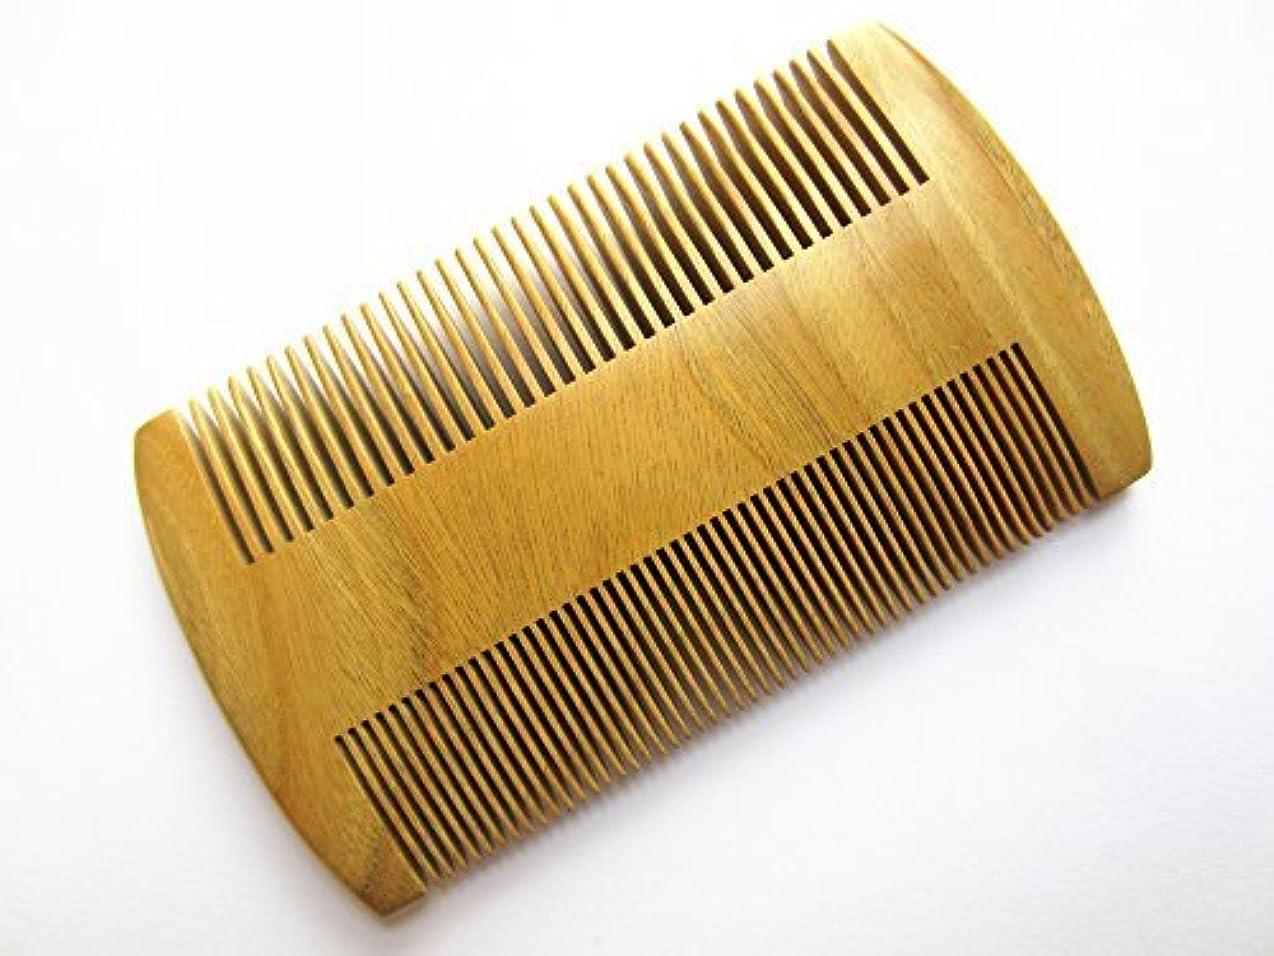 遅滞溶融実用的Myhsmooth GS-S2M-N2F Handmade Natural Green Sandalwood No Static Pocket Comb Perfect Beard Comb with Aromatic...